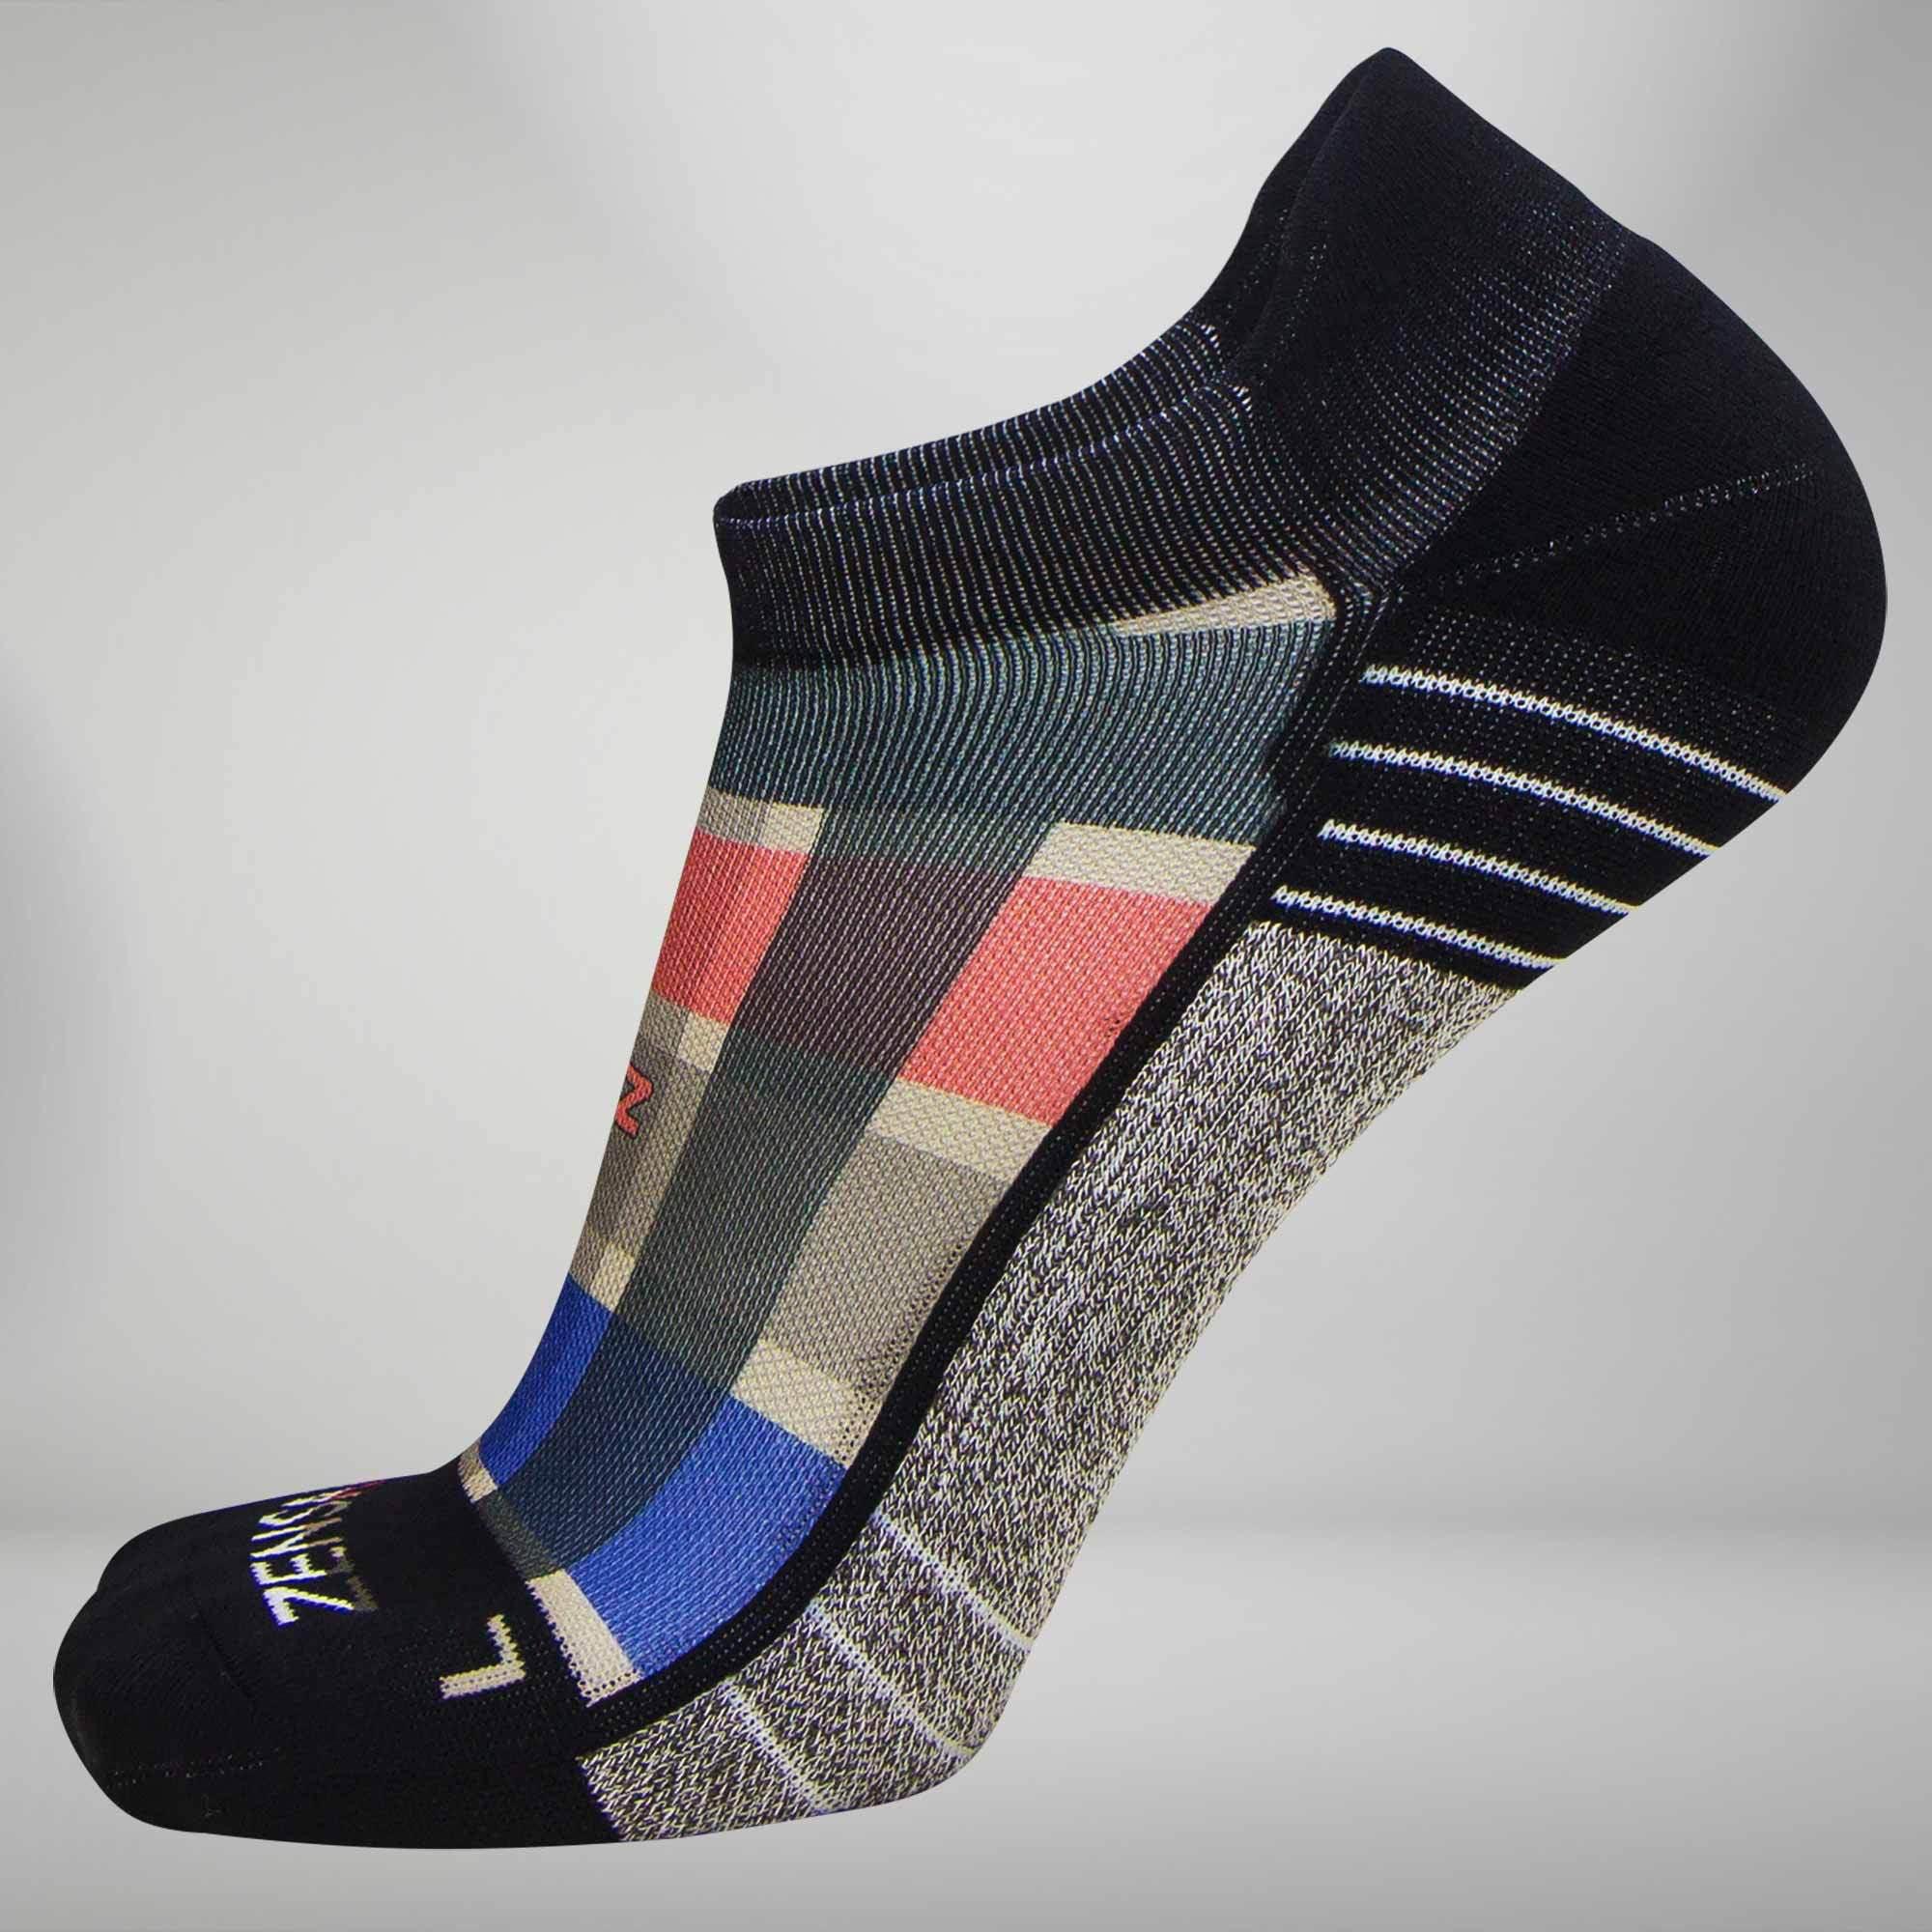 Plaid Socks (No Show) M / Grey-Tan-Red